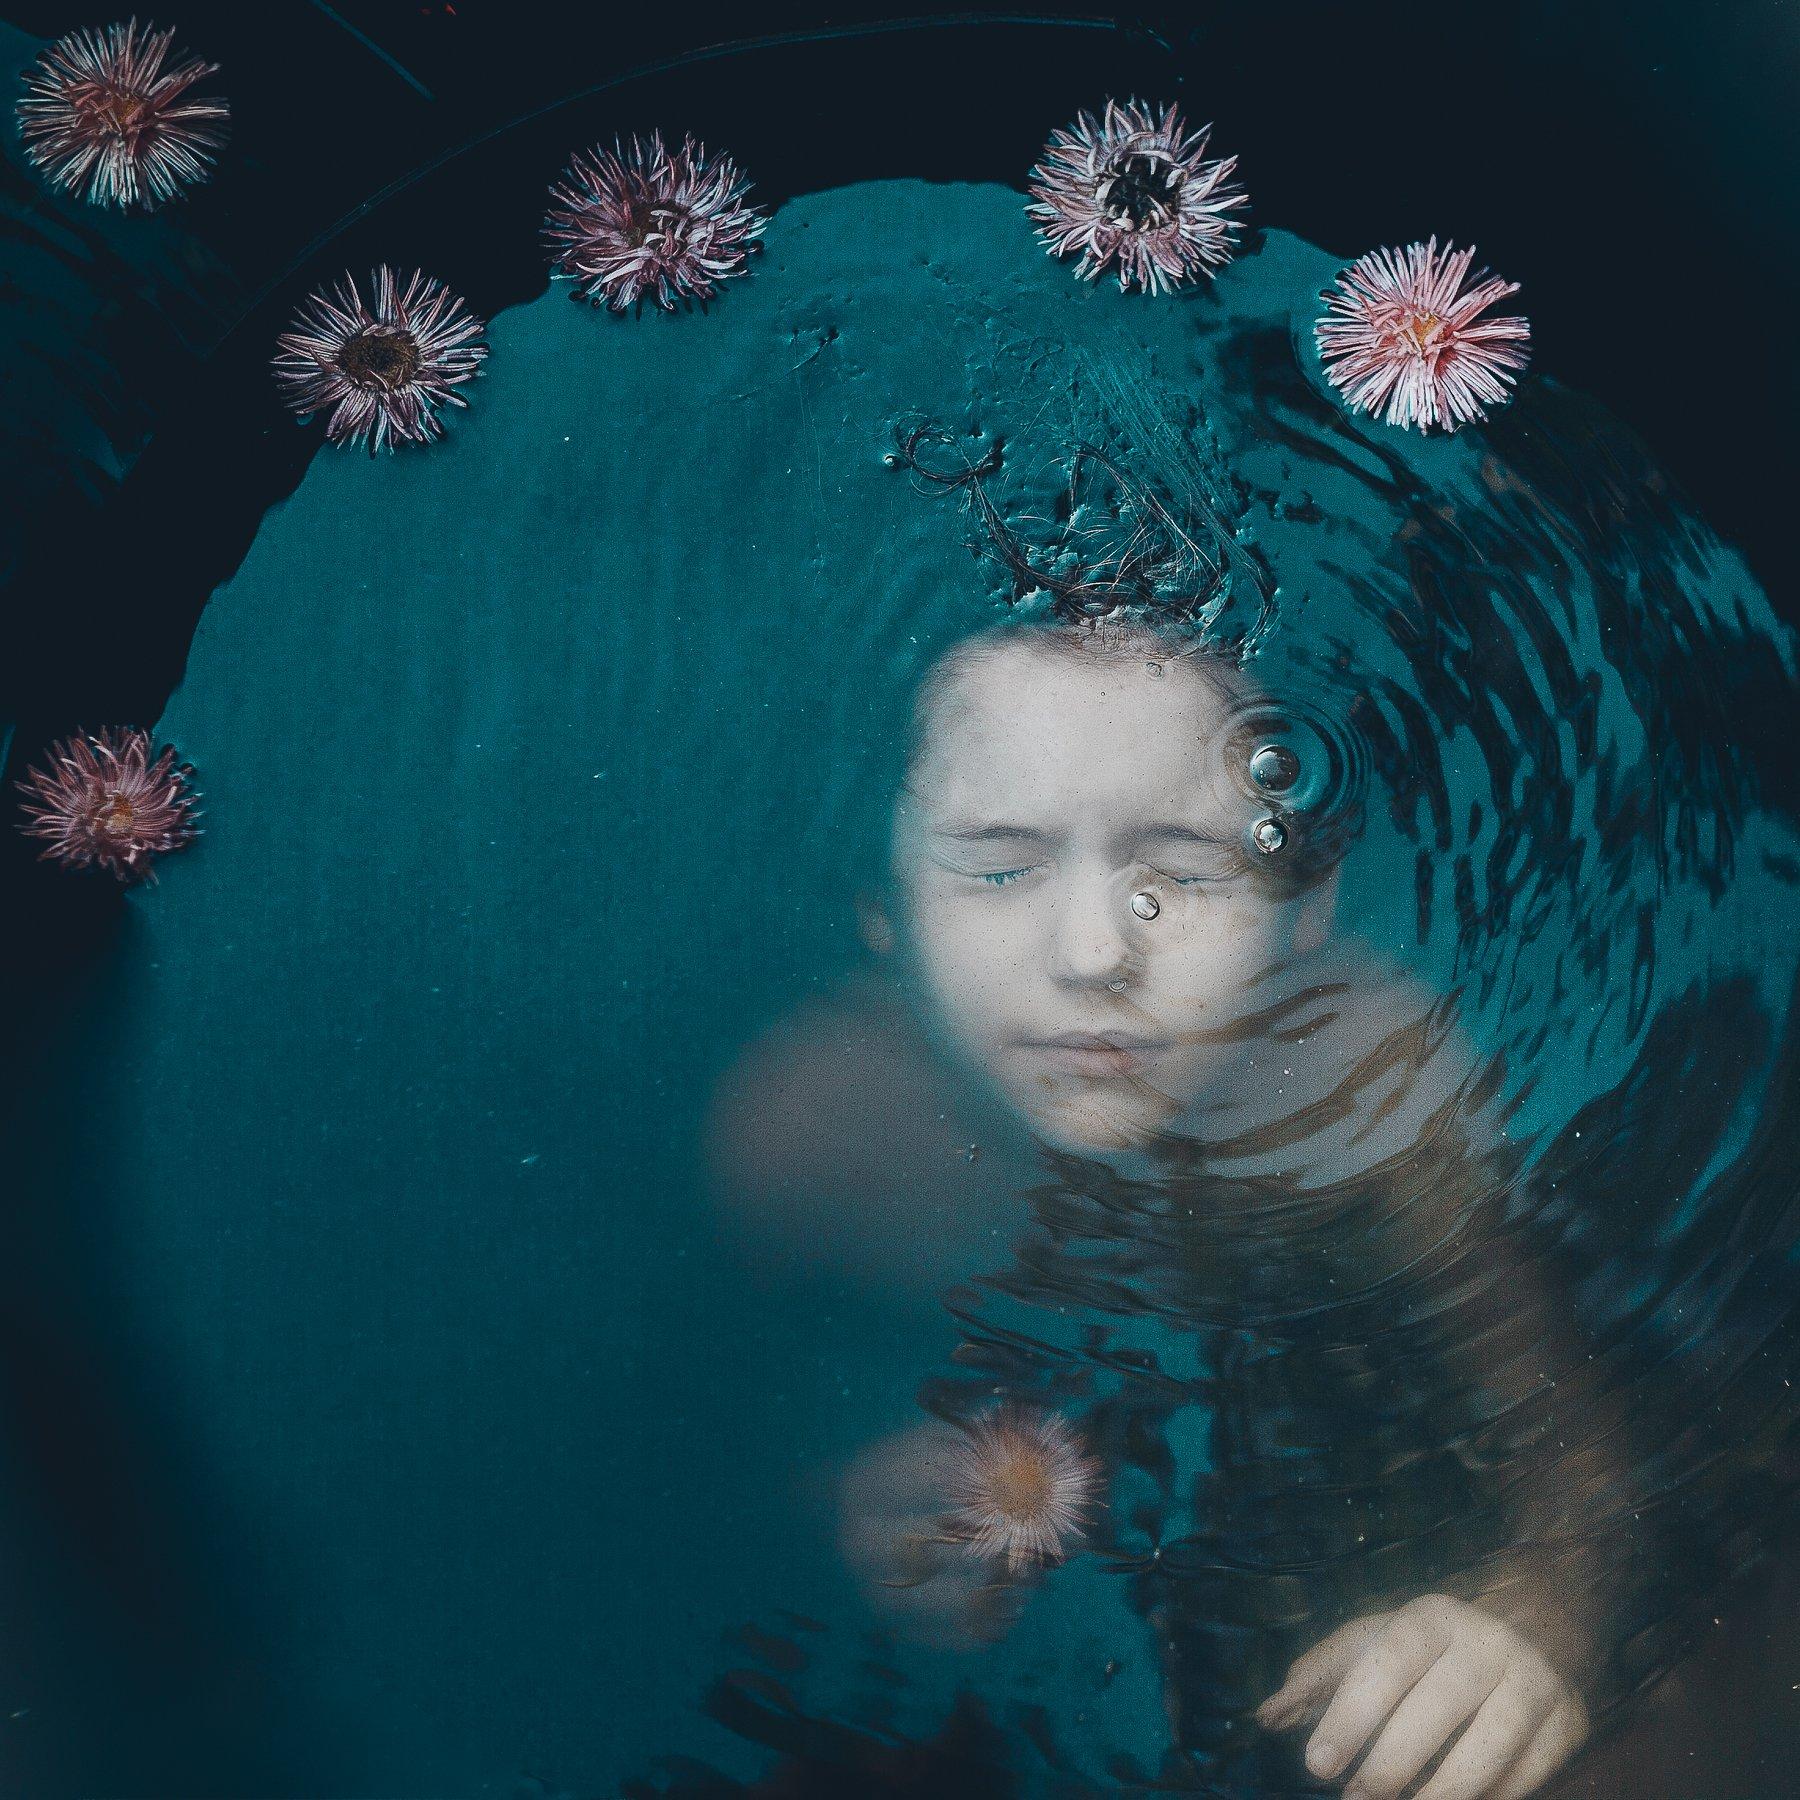 девочка вода цветы темная, Вероника Гергерт